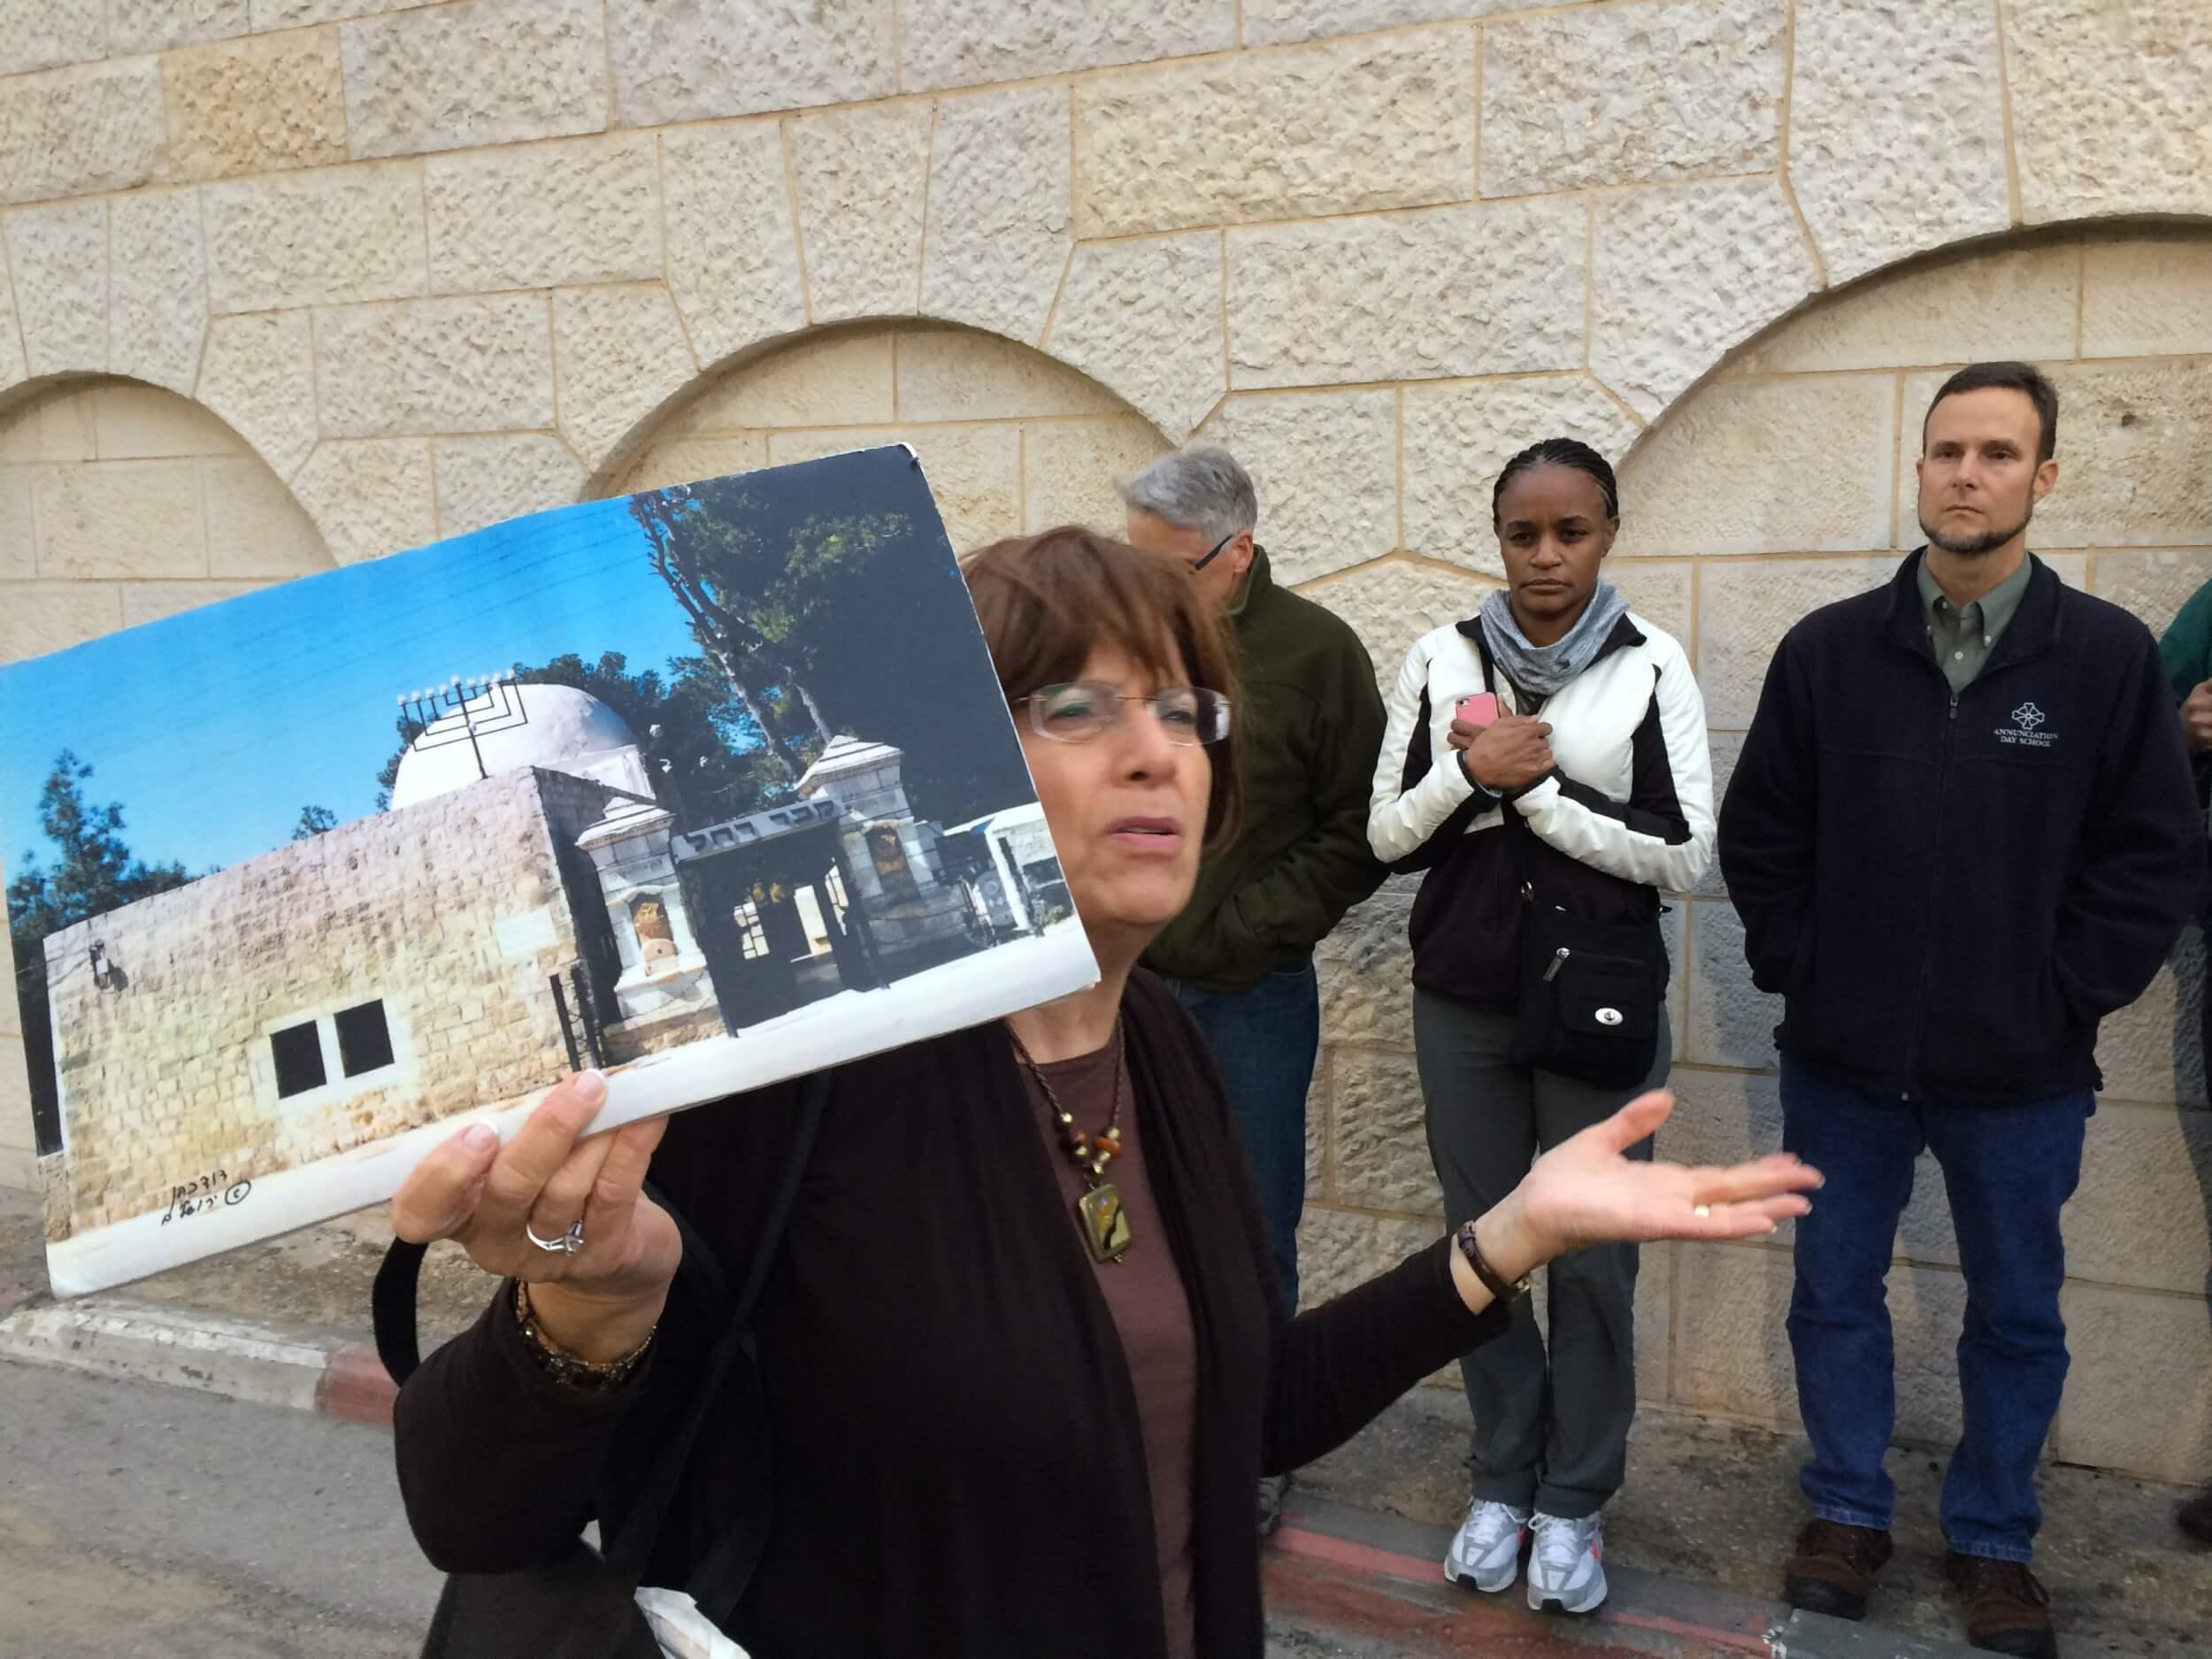 Aviva and the photo. (Photo: Eitan Bronstein)